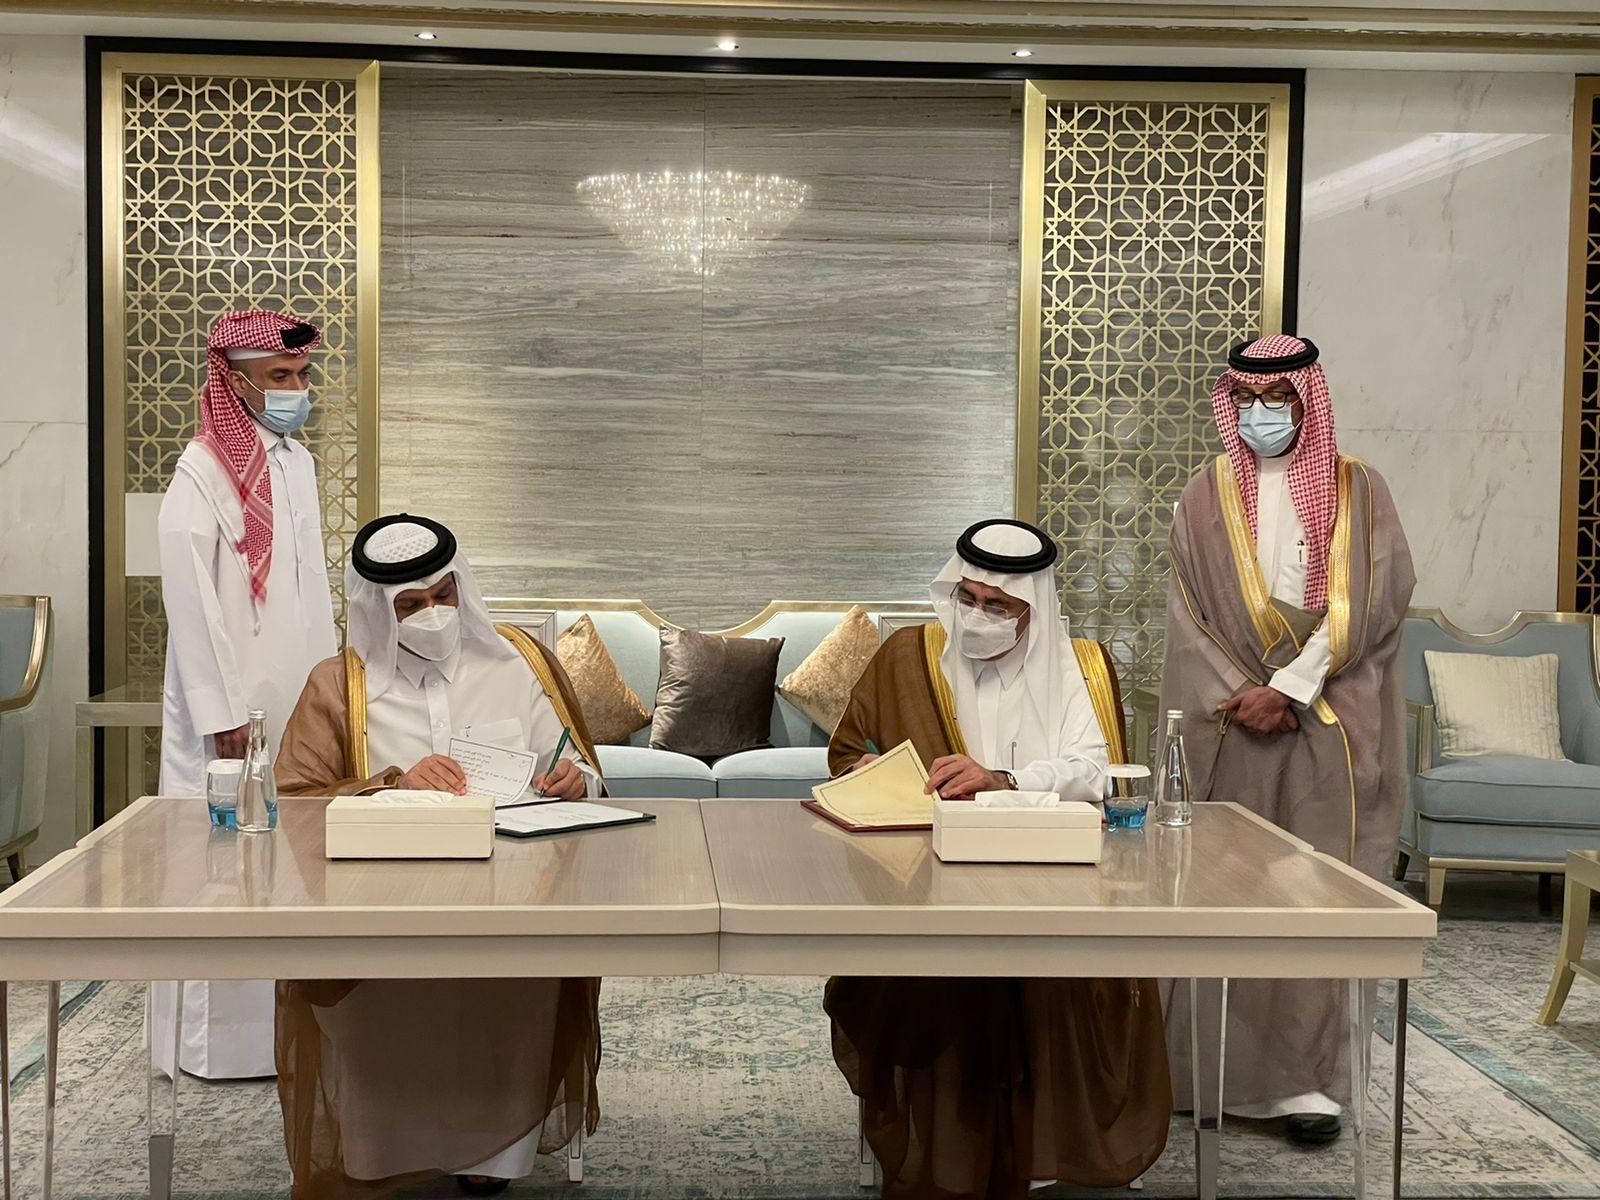 نائب رئيس مجلس الوزراء وزير الخارجية يجتمع مع وزير الدولة عضو مجلس الوزراء وزير الخارجية بالإنابة في السعودية